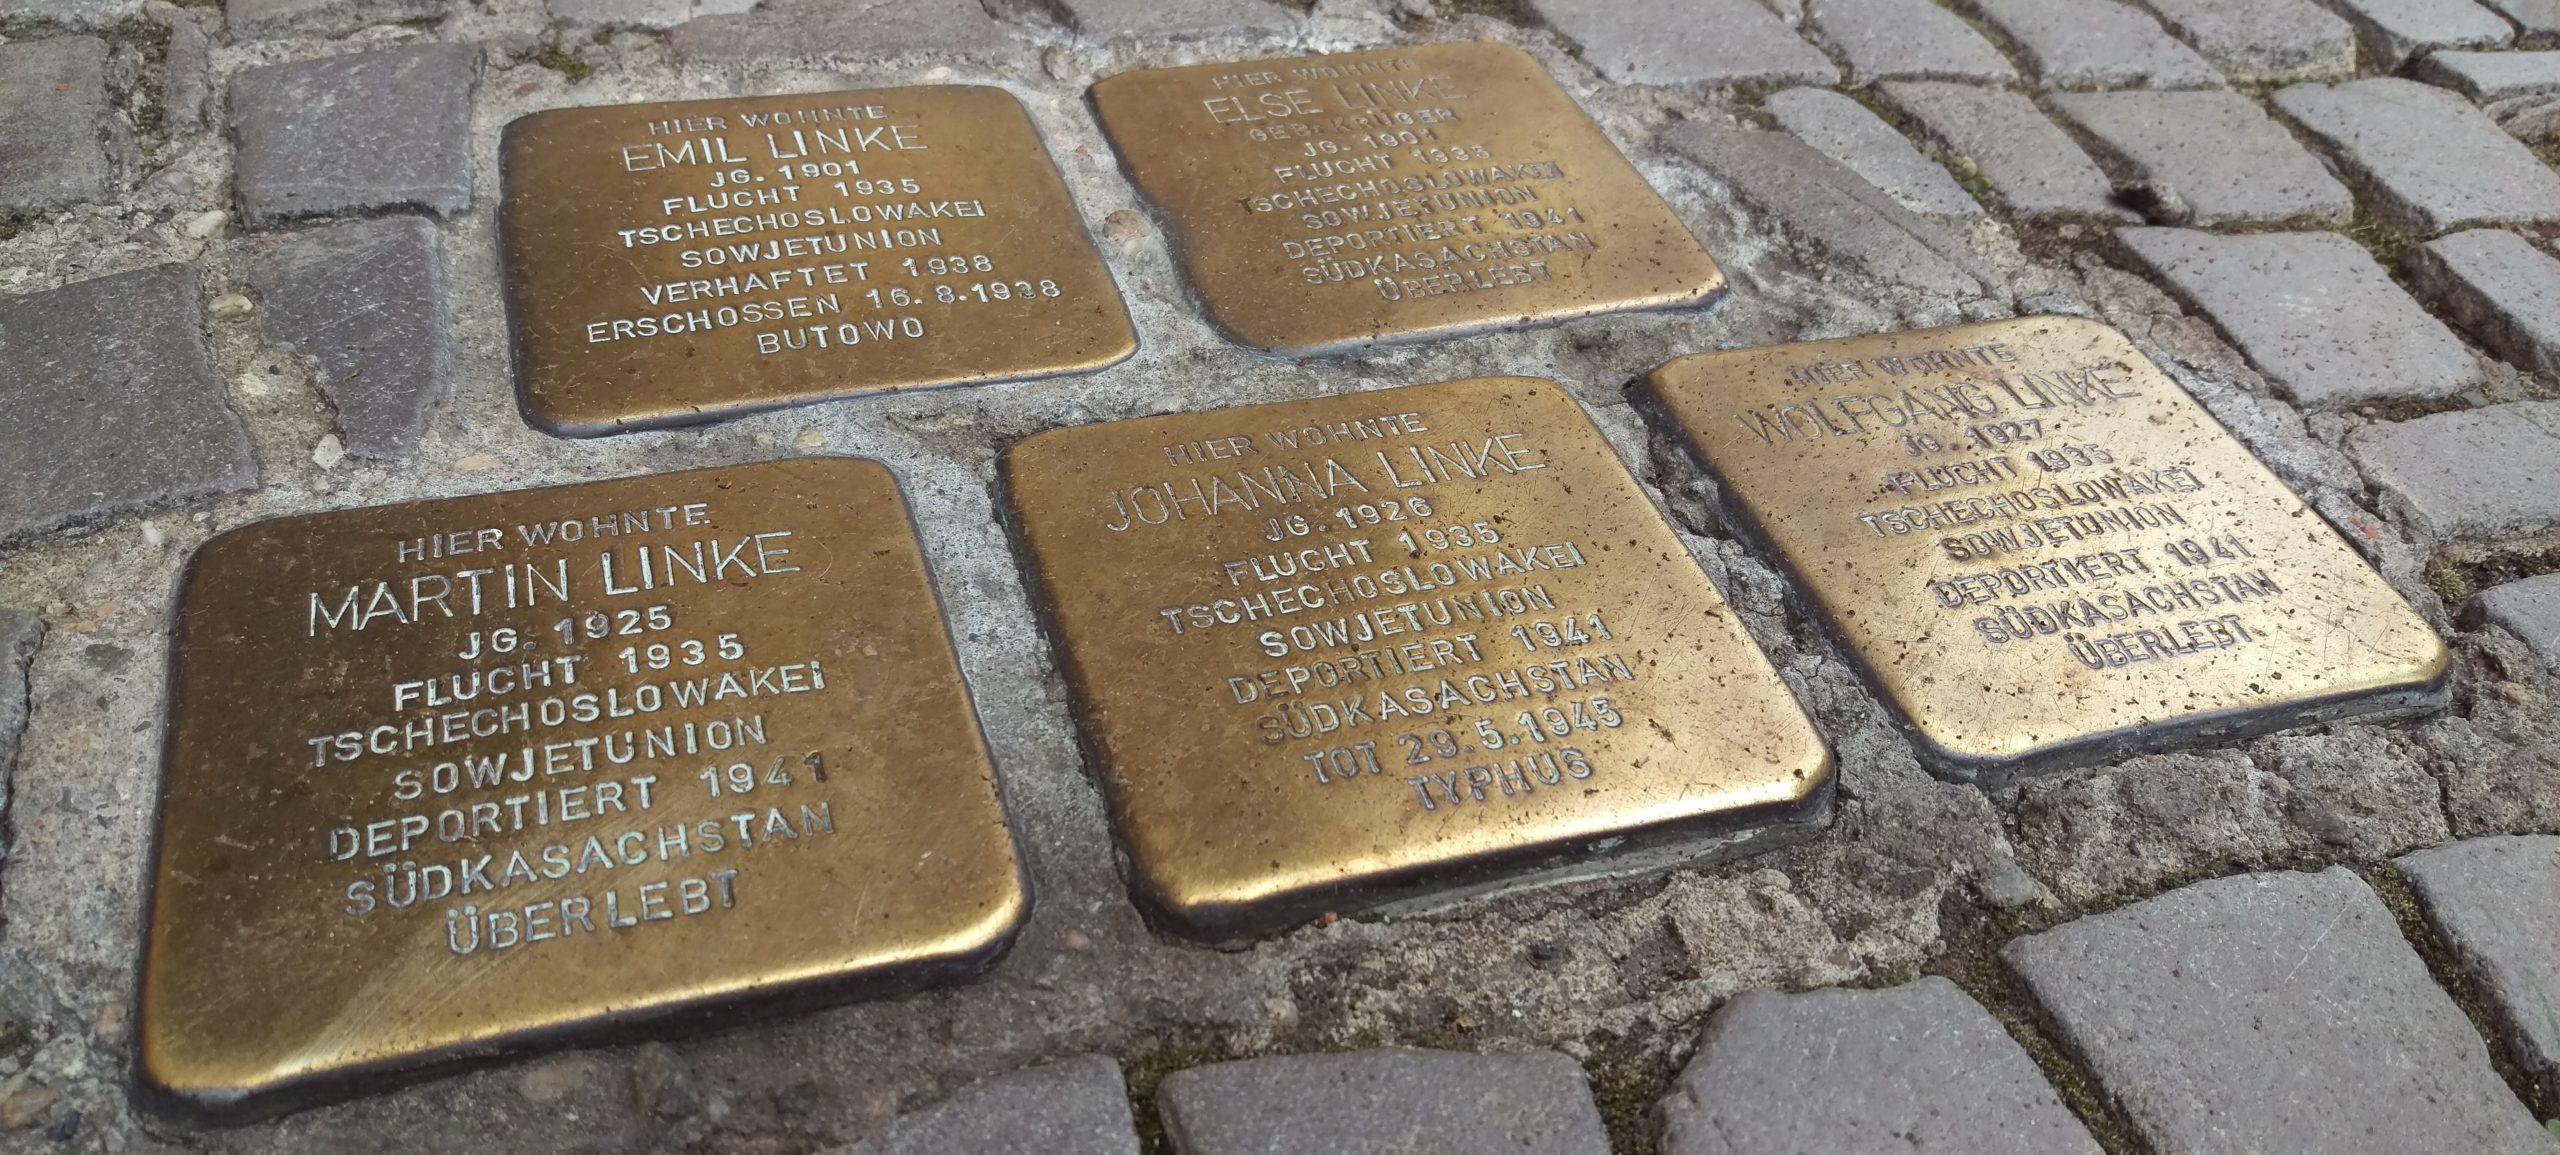 5 Stolpersteine, 2 in der oberen Reihe, 3 darunter